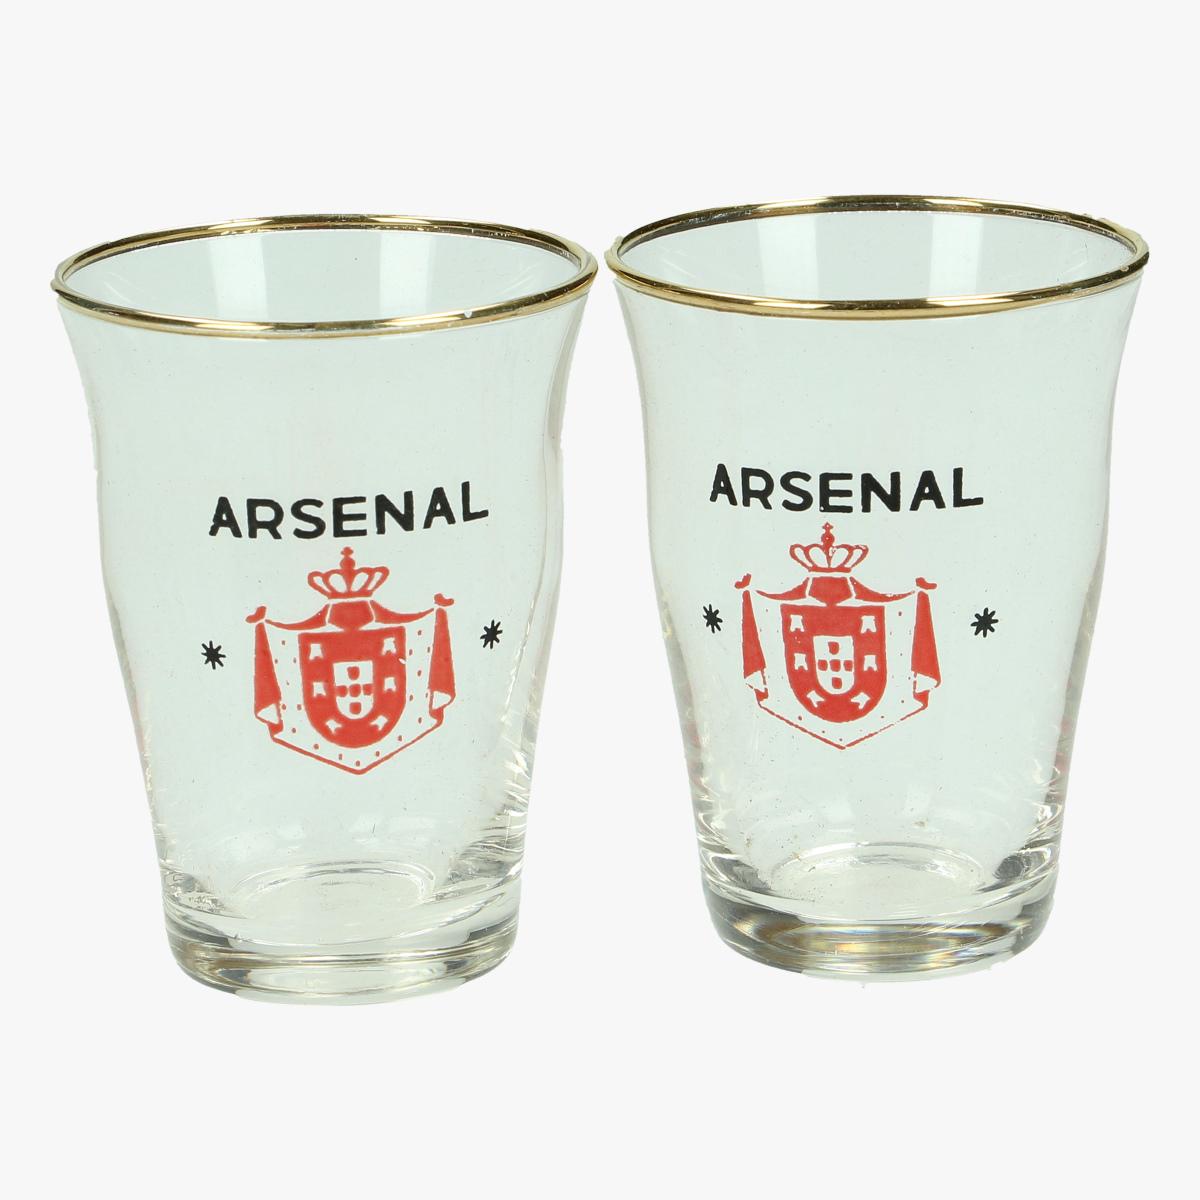 Afbeeldingen van 2 borrel glaasjes arsenal